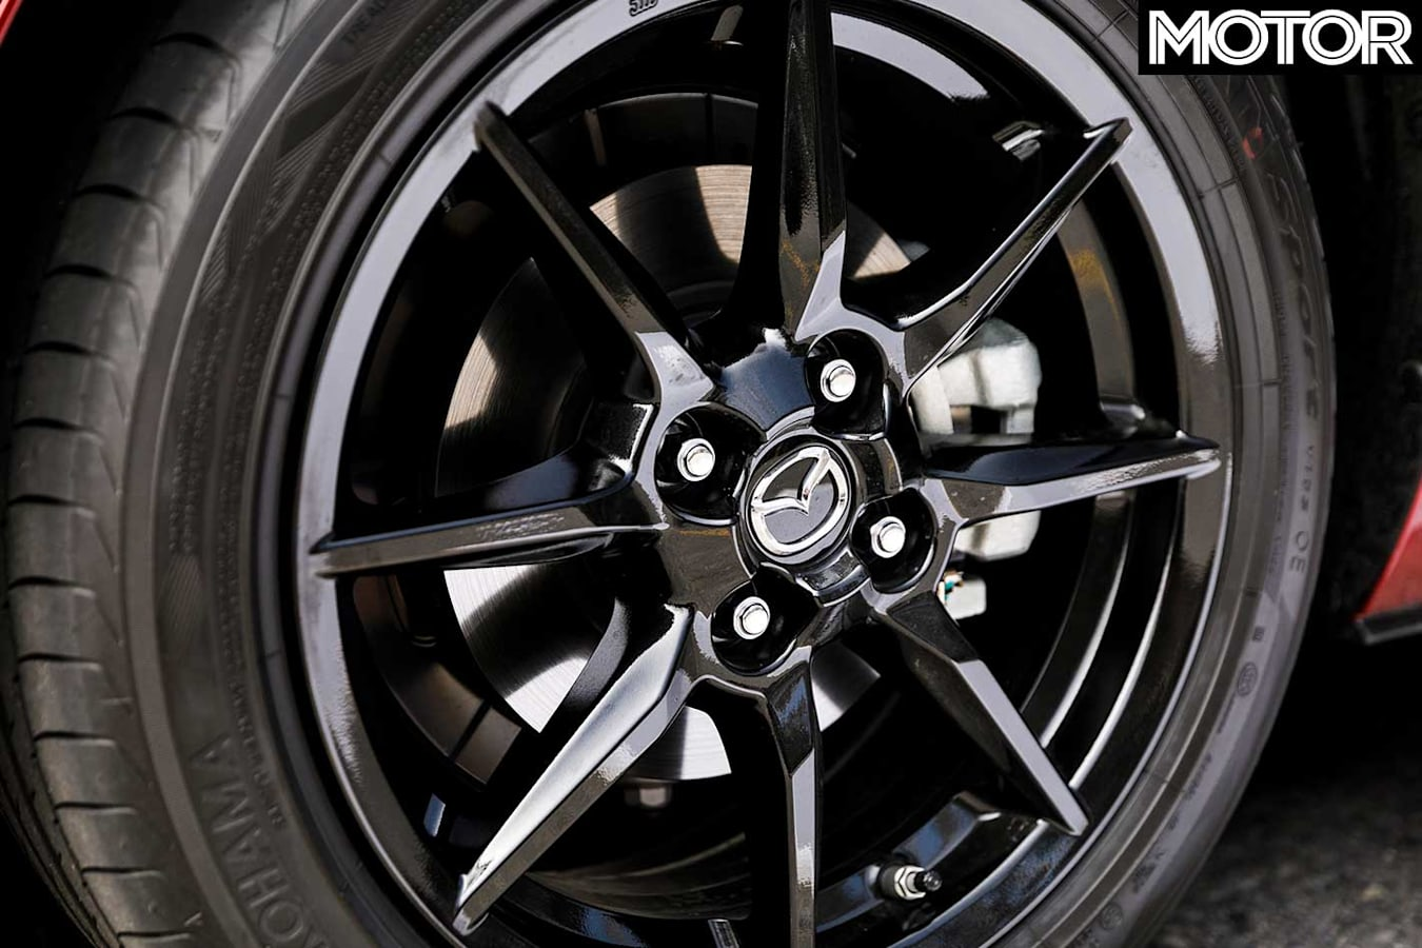 2018 Mazda MX 5 Wheel Jpg